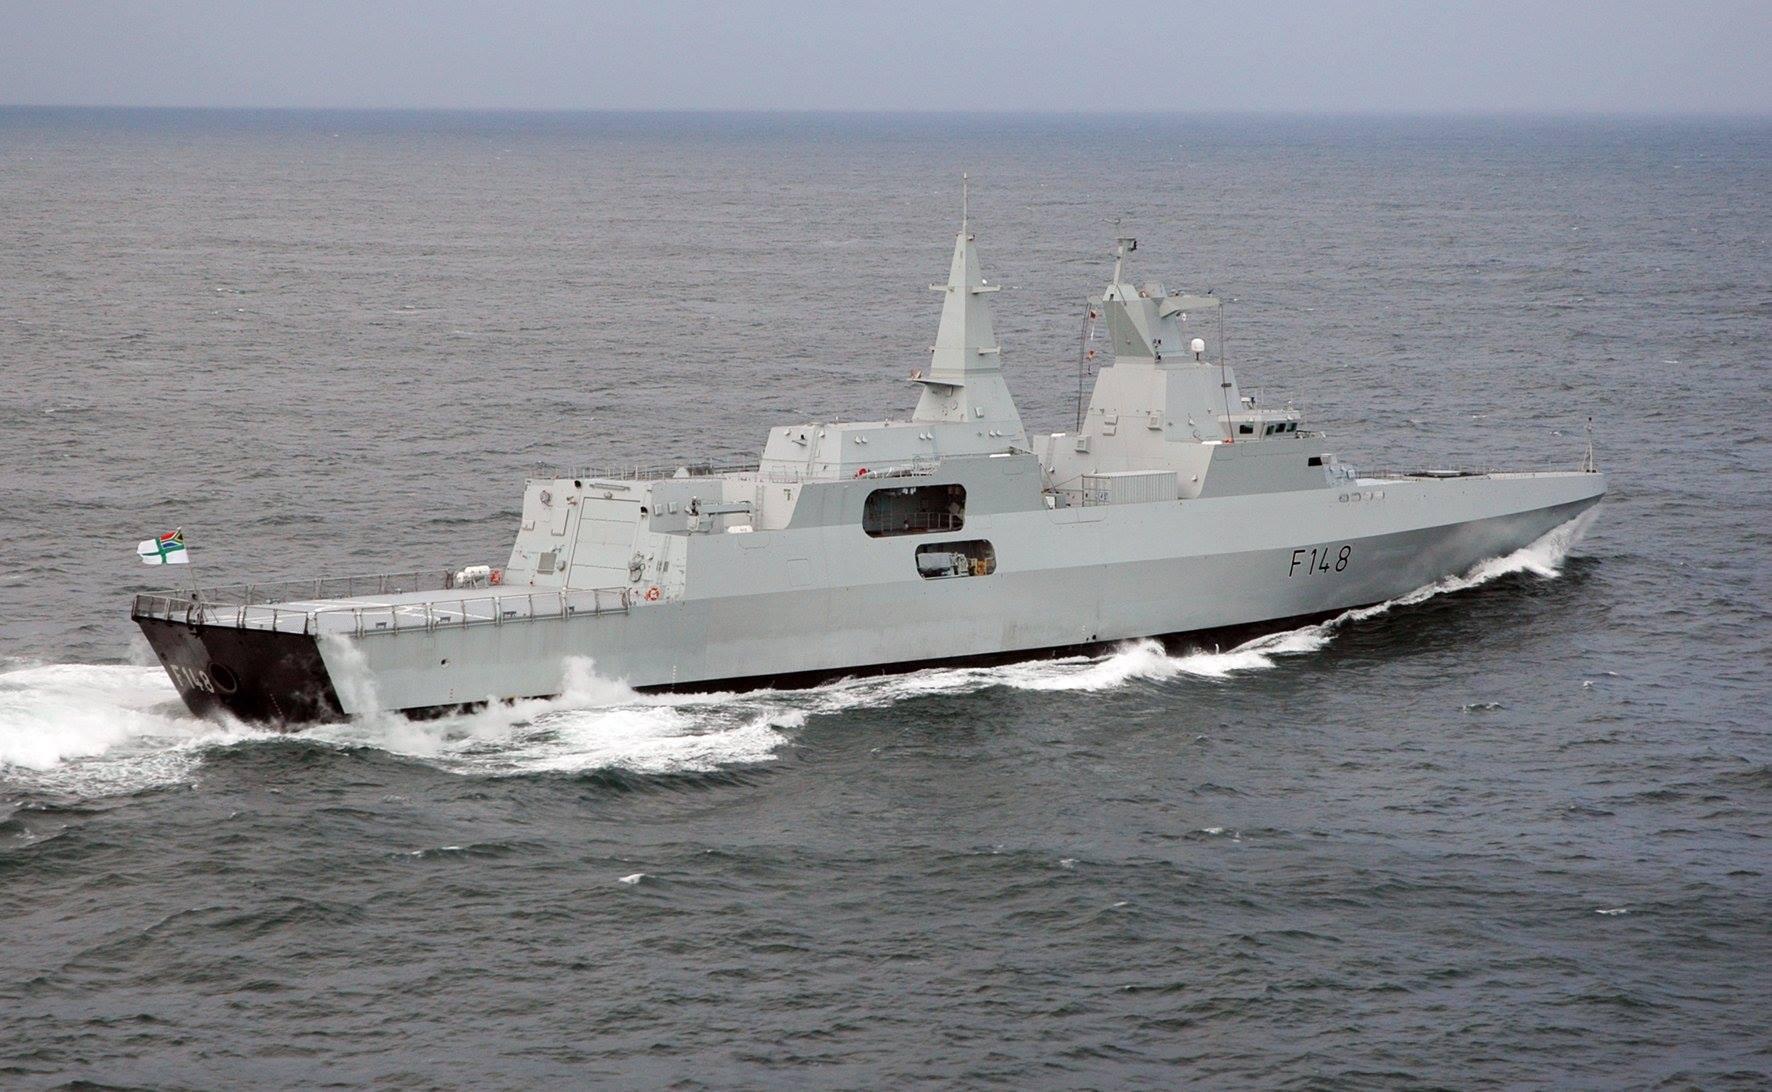 هل طلبت مصر 6 فرقاطات MEKO-A200 مع نقل التكنولوجيا؟